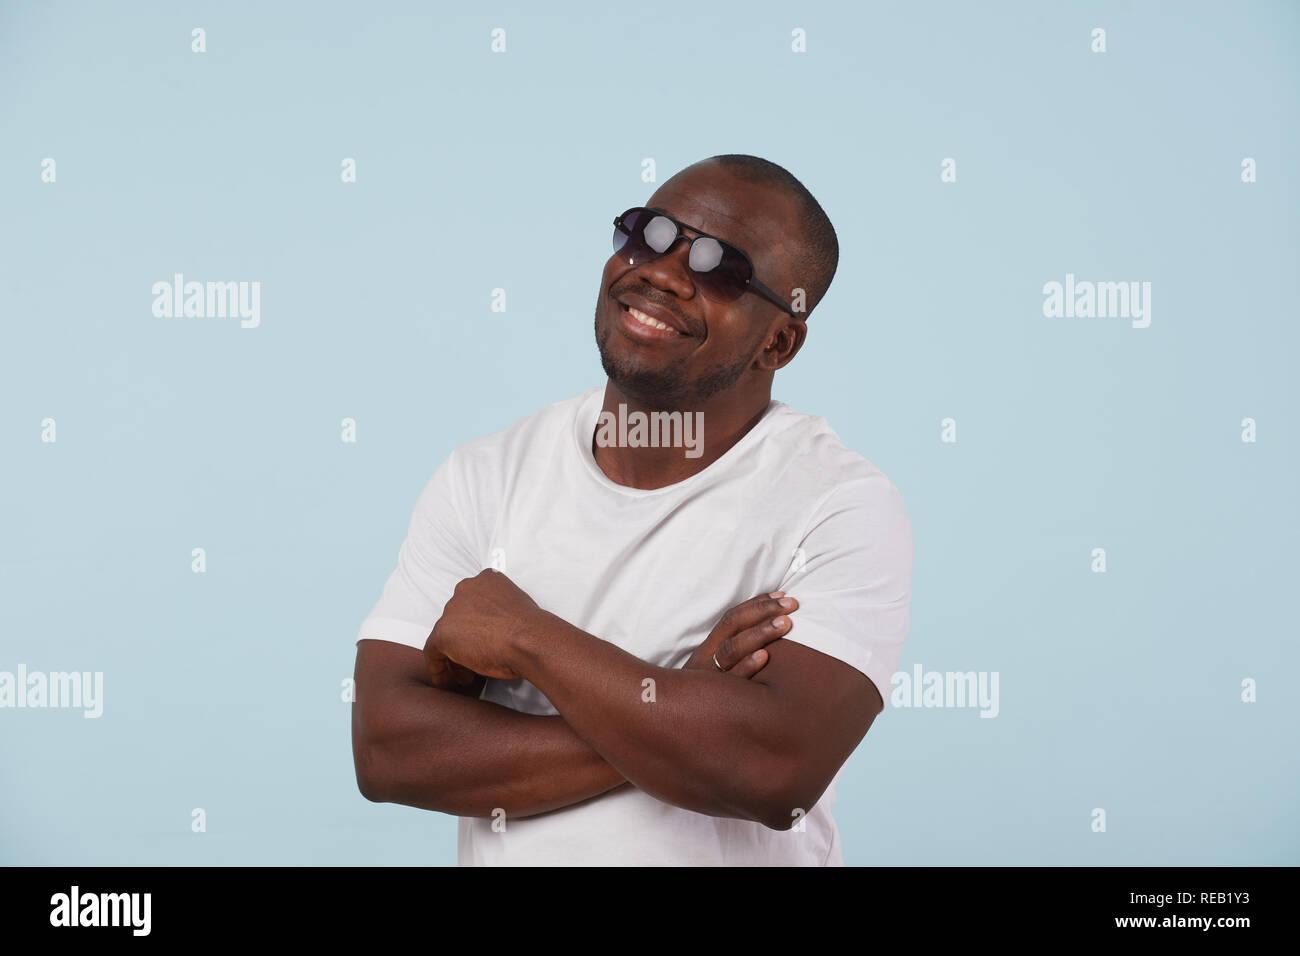 70ca98f0e01ad8 Lächelnd schwarzer Mann im weißen T-Shirt und Sonnenbrille schaut in die  Kamera vor hellblauem Hintergrund. Fett